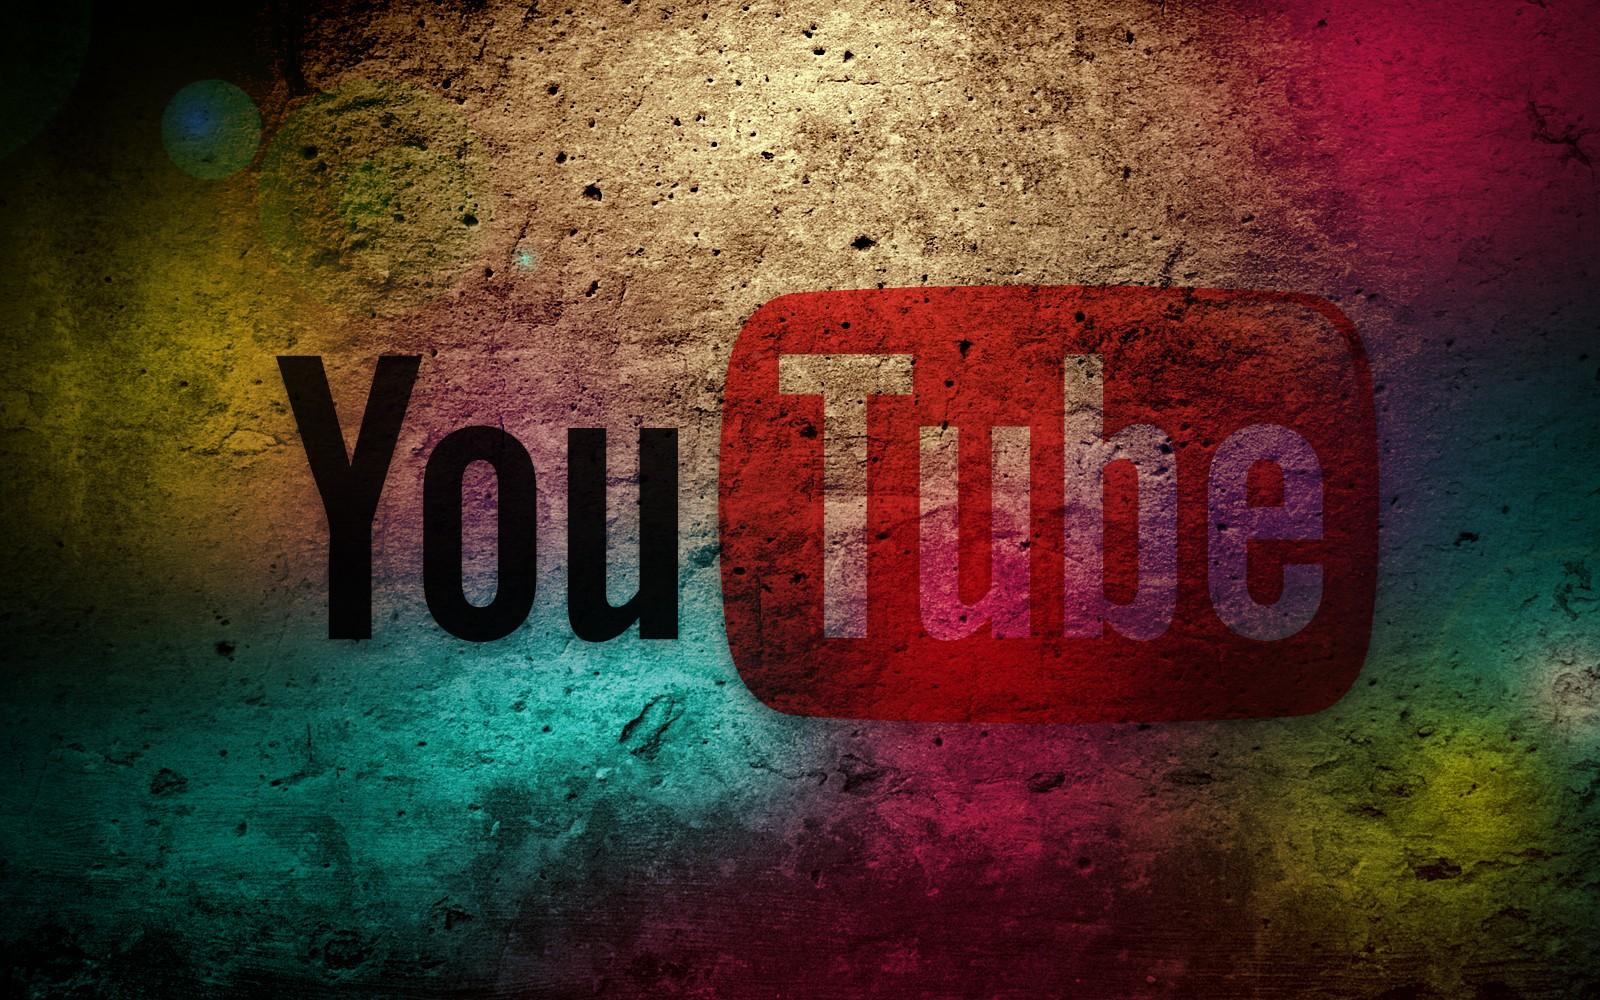 بالصور خلفيات يوتيوب , اجدد خلفيات للوجو اليوتيوب 4294 4